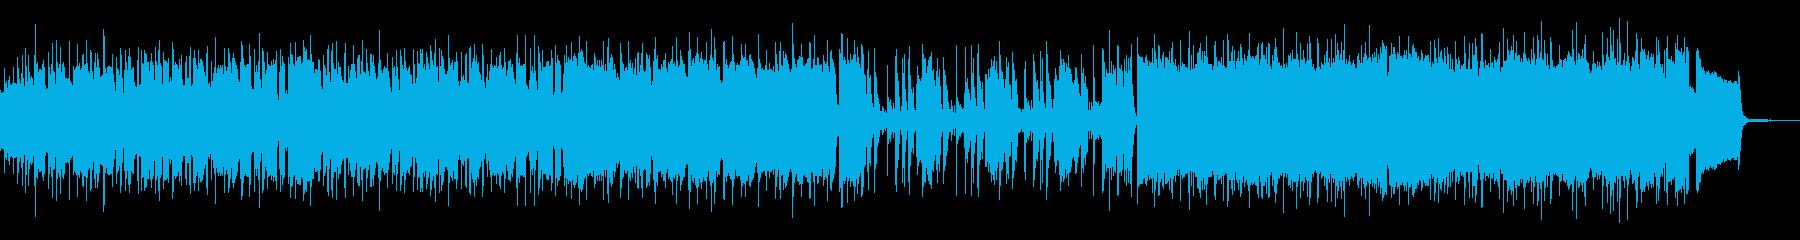 荒野・アメリカンでワイルドファンクロックの再生済みの波形